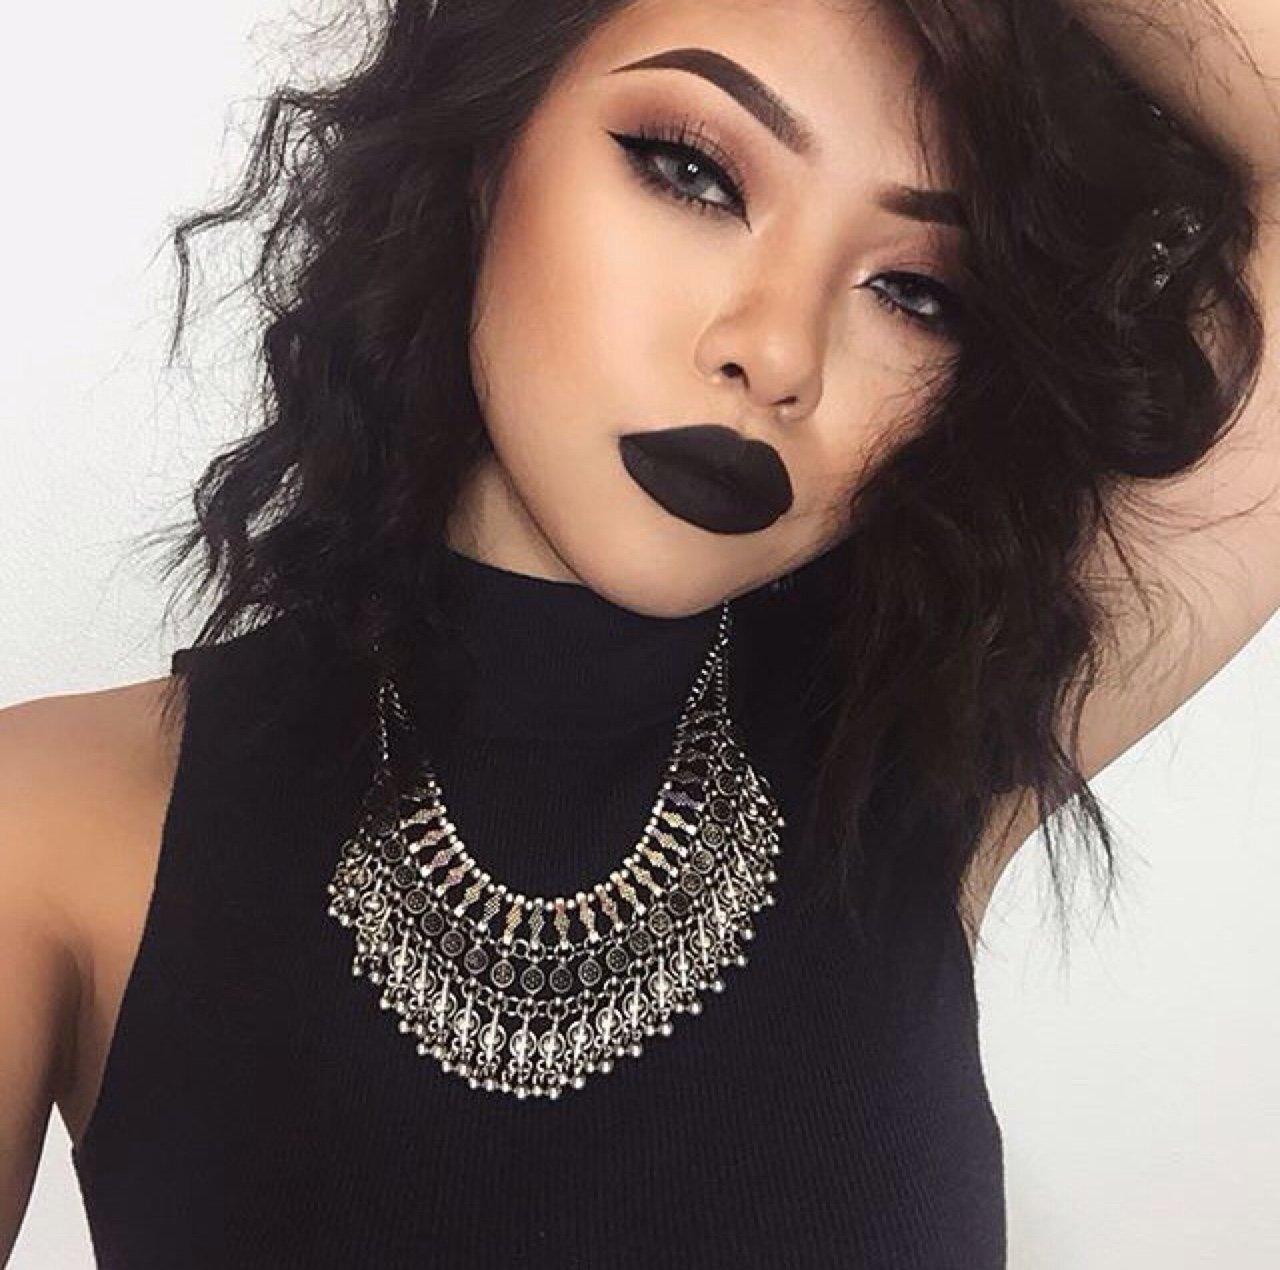 Pelo negro en los senos